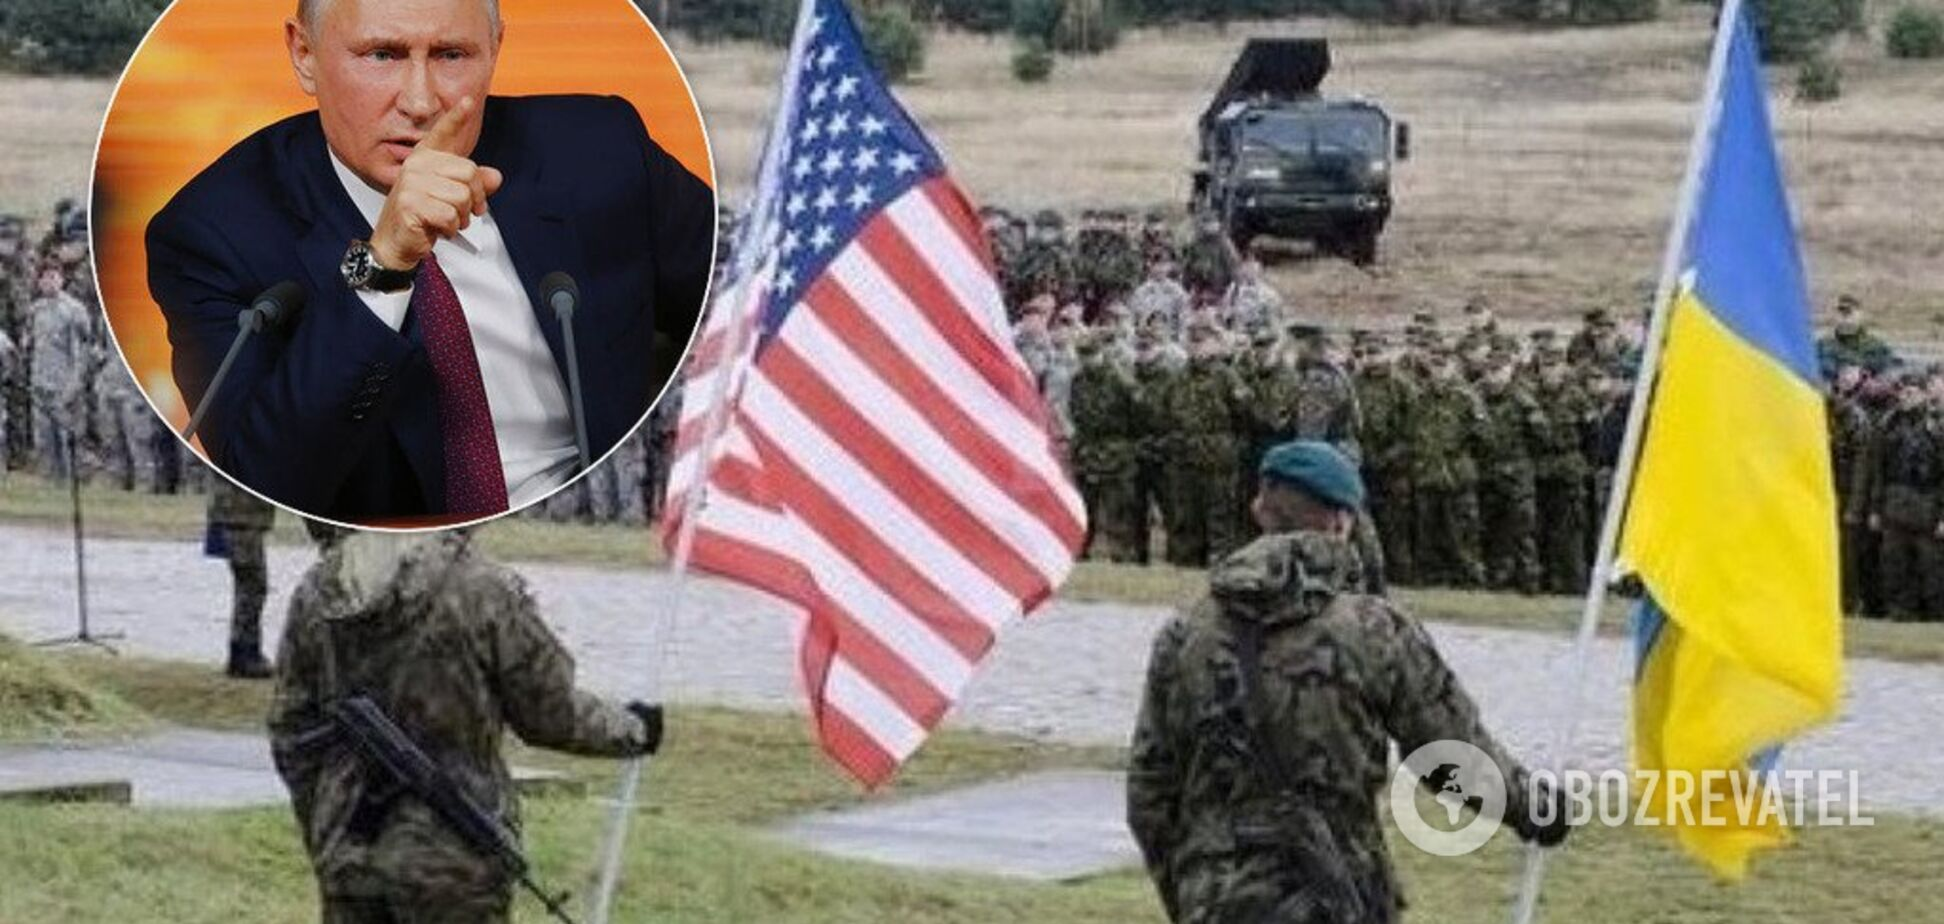 Летальному оружию быть: США решили серьезно помочь Украине на Донбассе